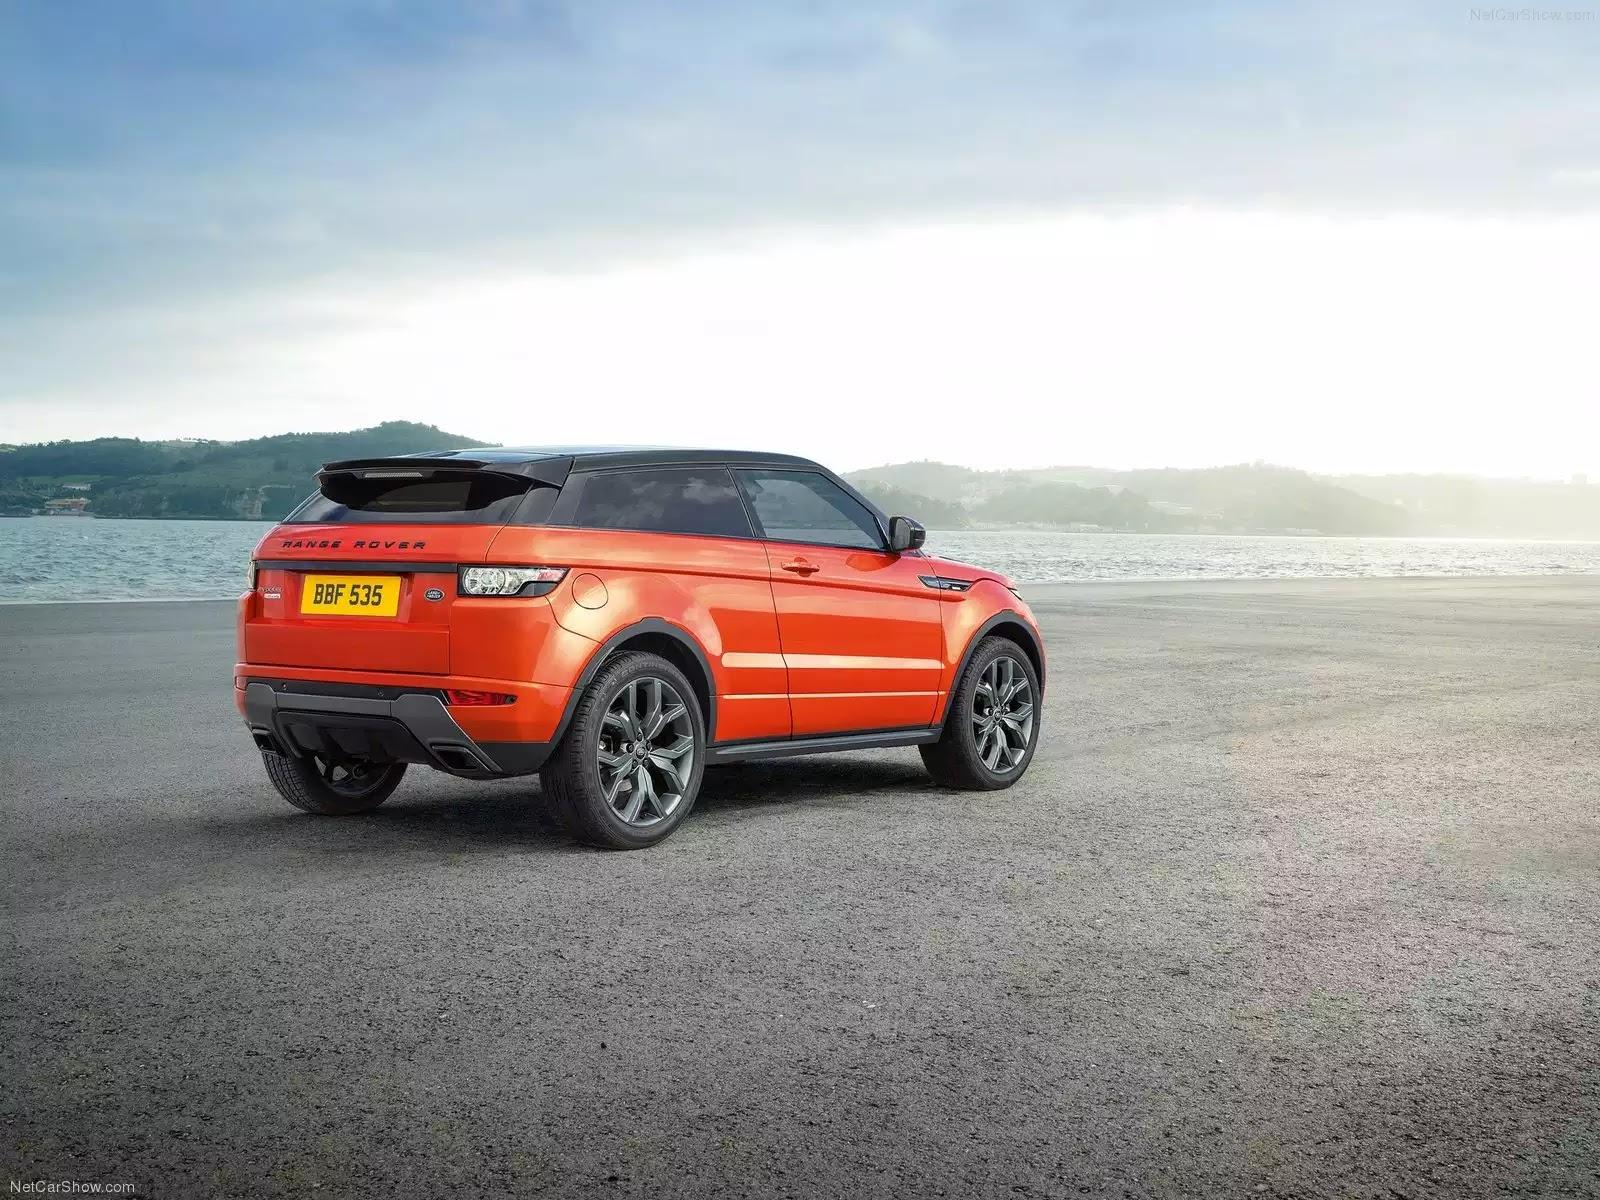 Hình ảnh xe ô tô Land Rover Range Rover Evoque Autobiography Dynamic 2015 & nội ngoại thất